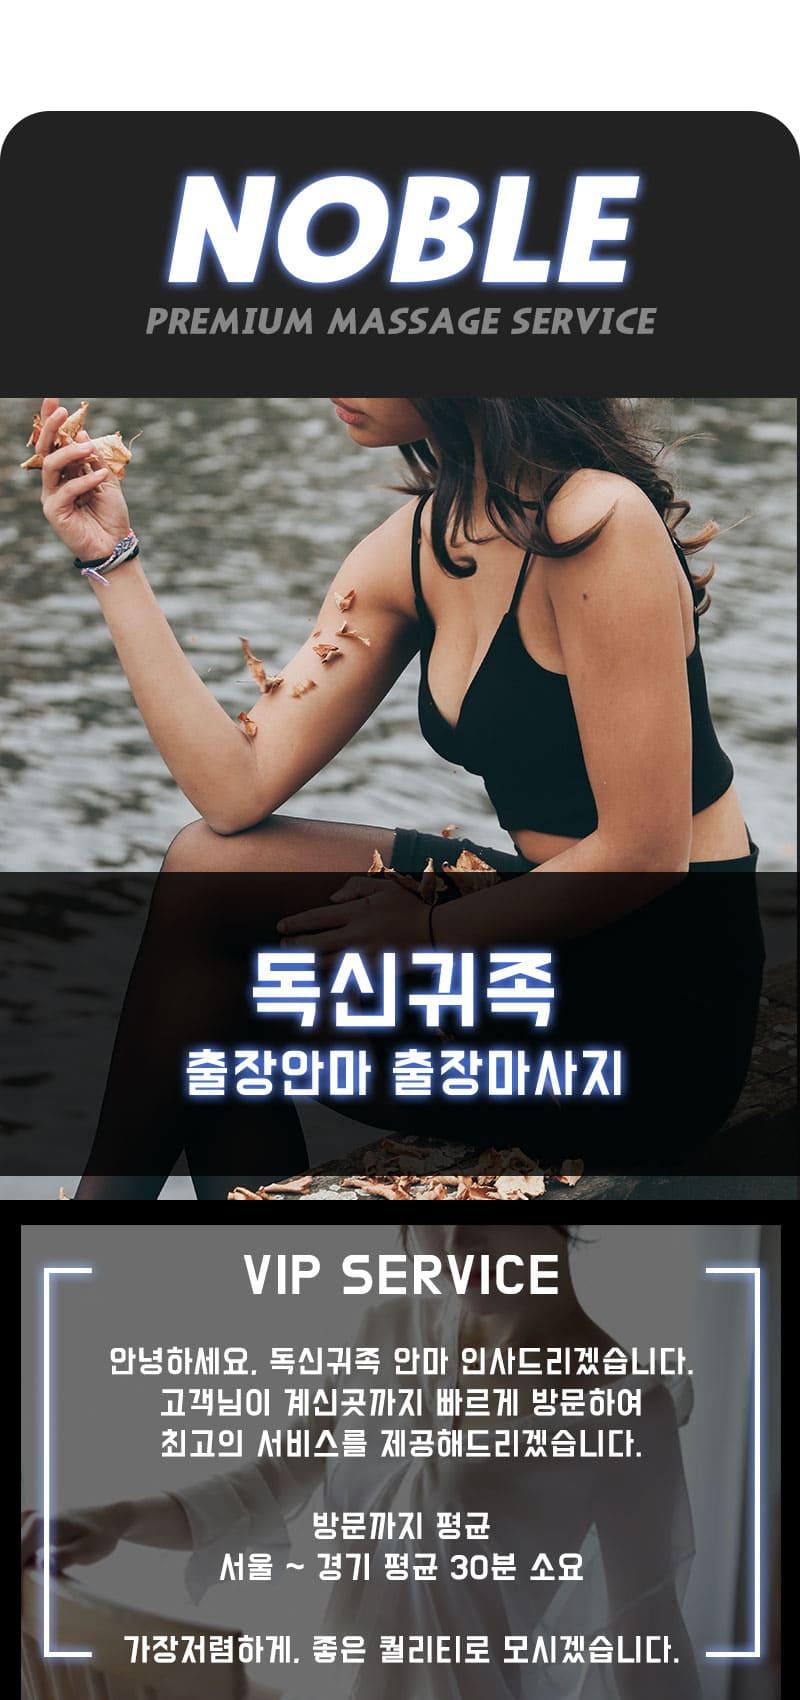 둔촌동출장안마 소개